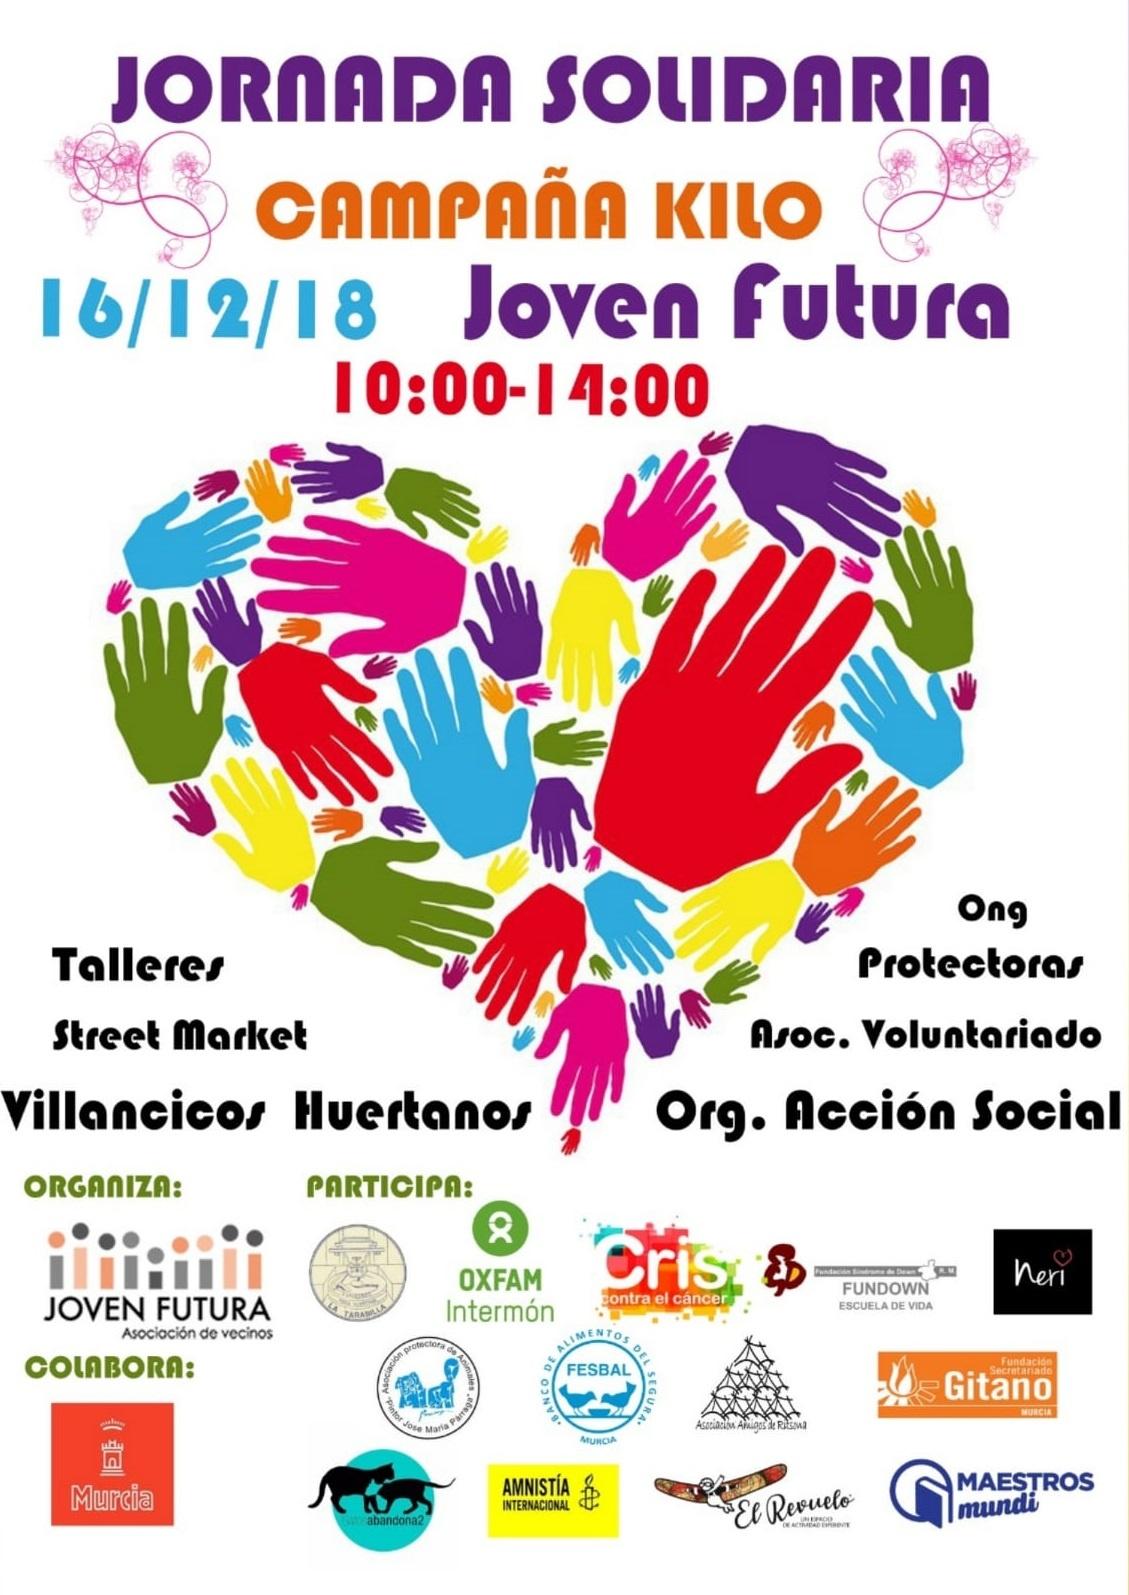 2018-12-16 Cartel Jornada Solidaria en Joven Futura